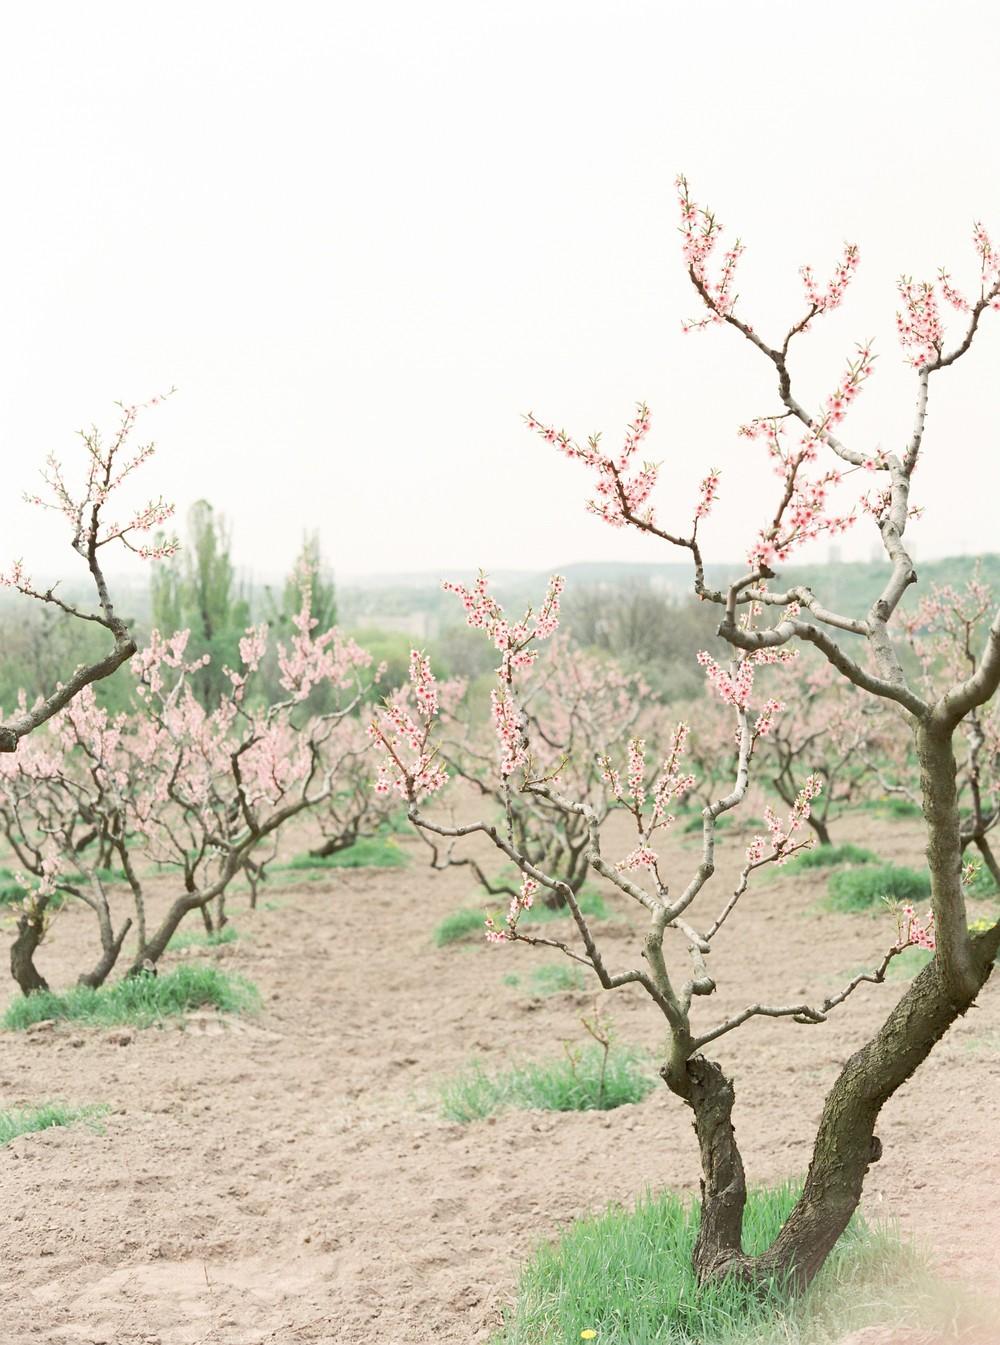 Spring blossom. Anna